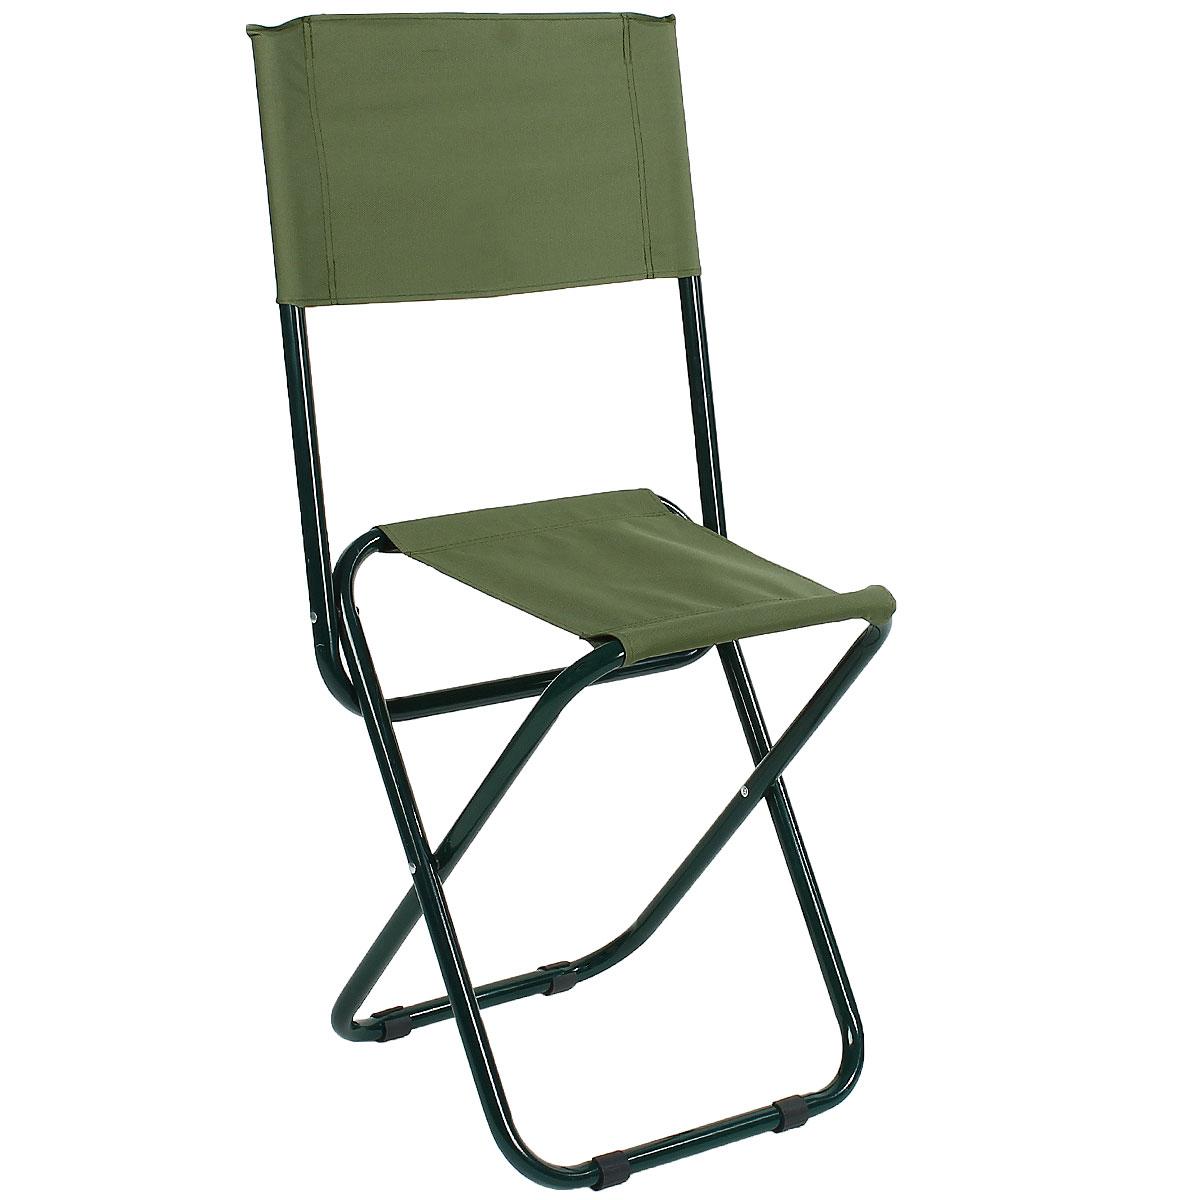 Стул складной Happy Camper, цвет: зеленый61077Стул складной Happy Camper - это незаменимый предмет походной мебели, очень удобен в эксплуатации. Каркас кресла изготовлен из прочной и долговечной стали, устойчивой к погодным условиям.Стул легко собирается и разбирается и не занимает много места, поэтому подходит для транспортировки и хранения дома. Складной стул прекрасно подойдет для комфортного отдыха на даче или в походе.Материал: 600D ПВХ, каркас - сталь, диаметром 22 мм.Размеры стула в сложенном состоянии: 47 см х 39 см х 44 см.Максимальная нагрузка: 60 кг.